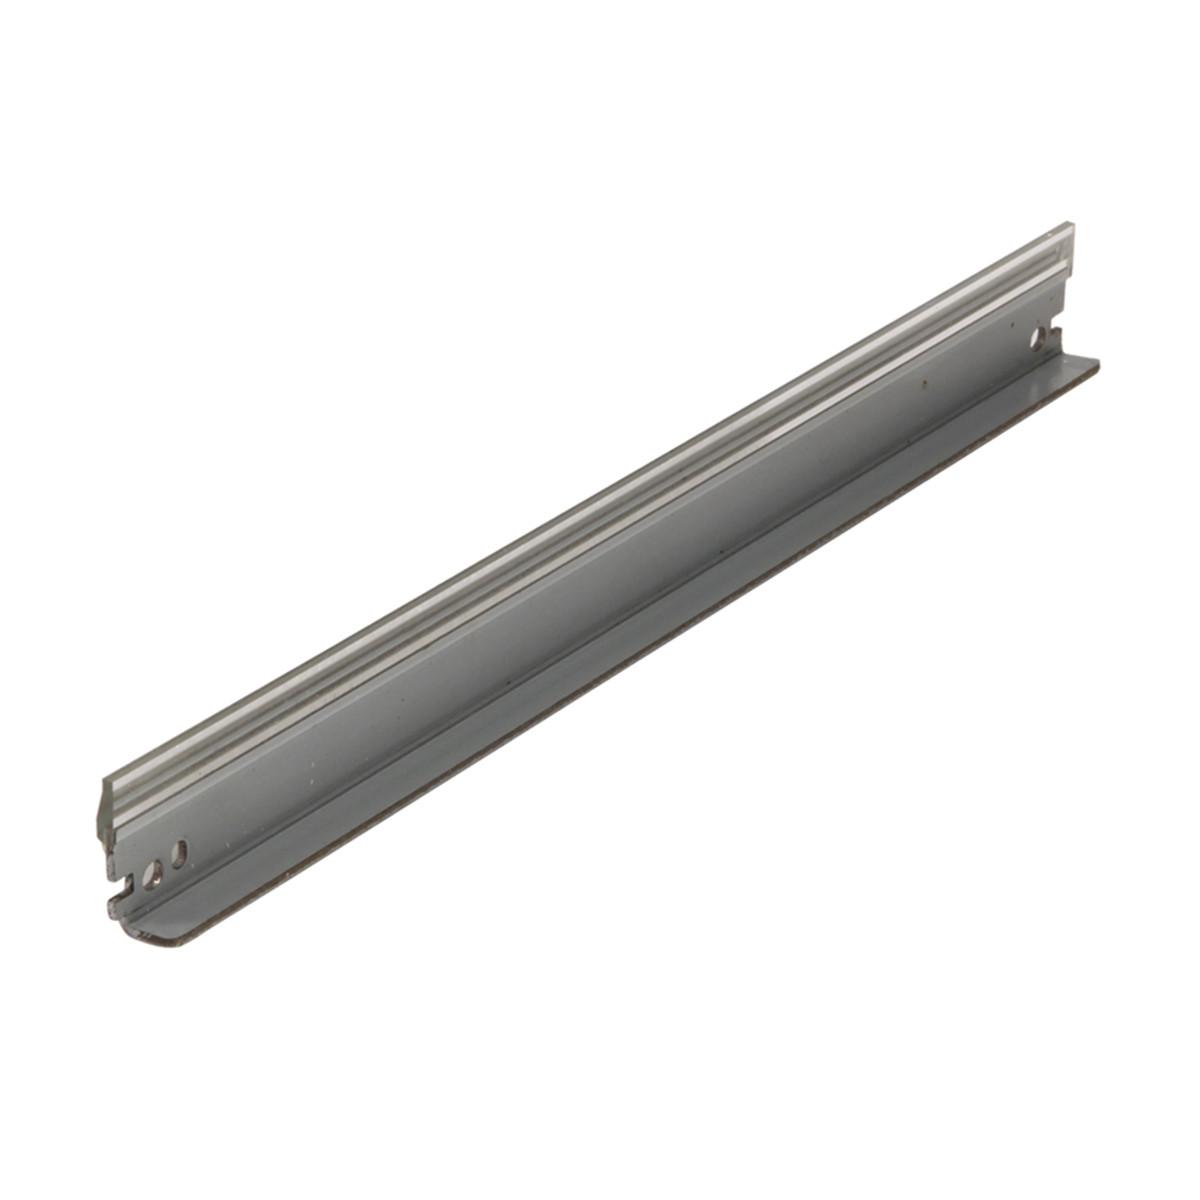 Lâmina de Limpeza ou Wiper Blade do Cilindro HP CC530A, CC531A, CC532A, CC533A